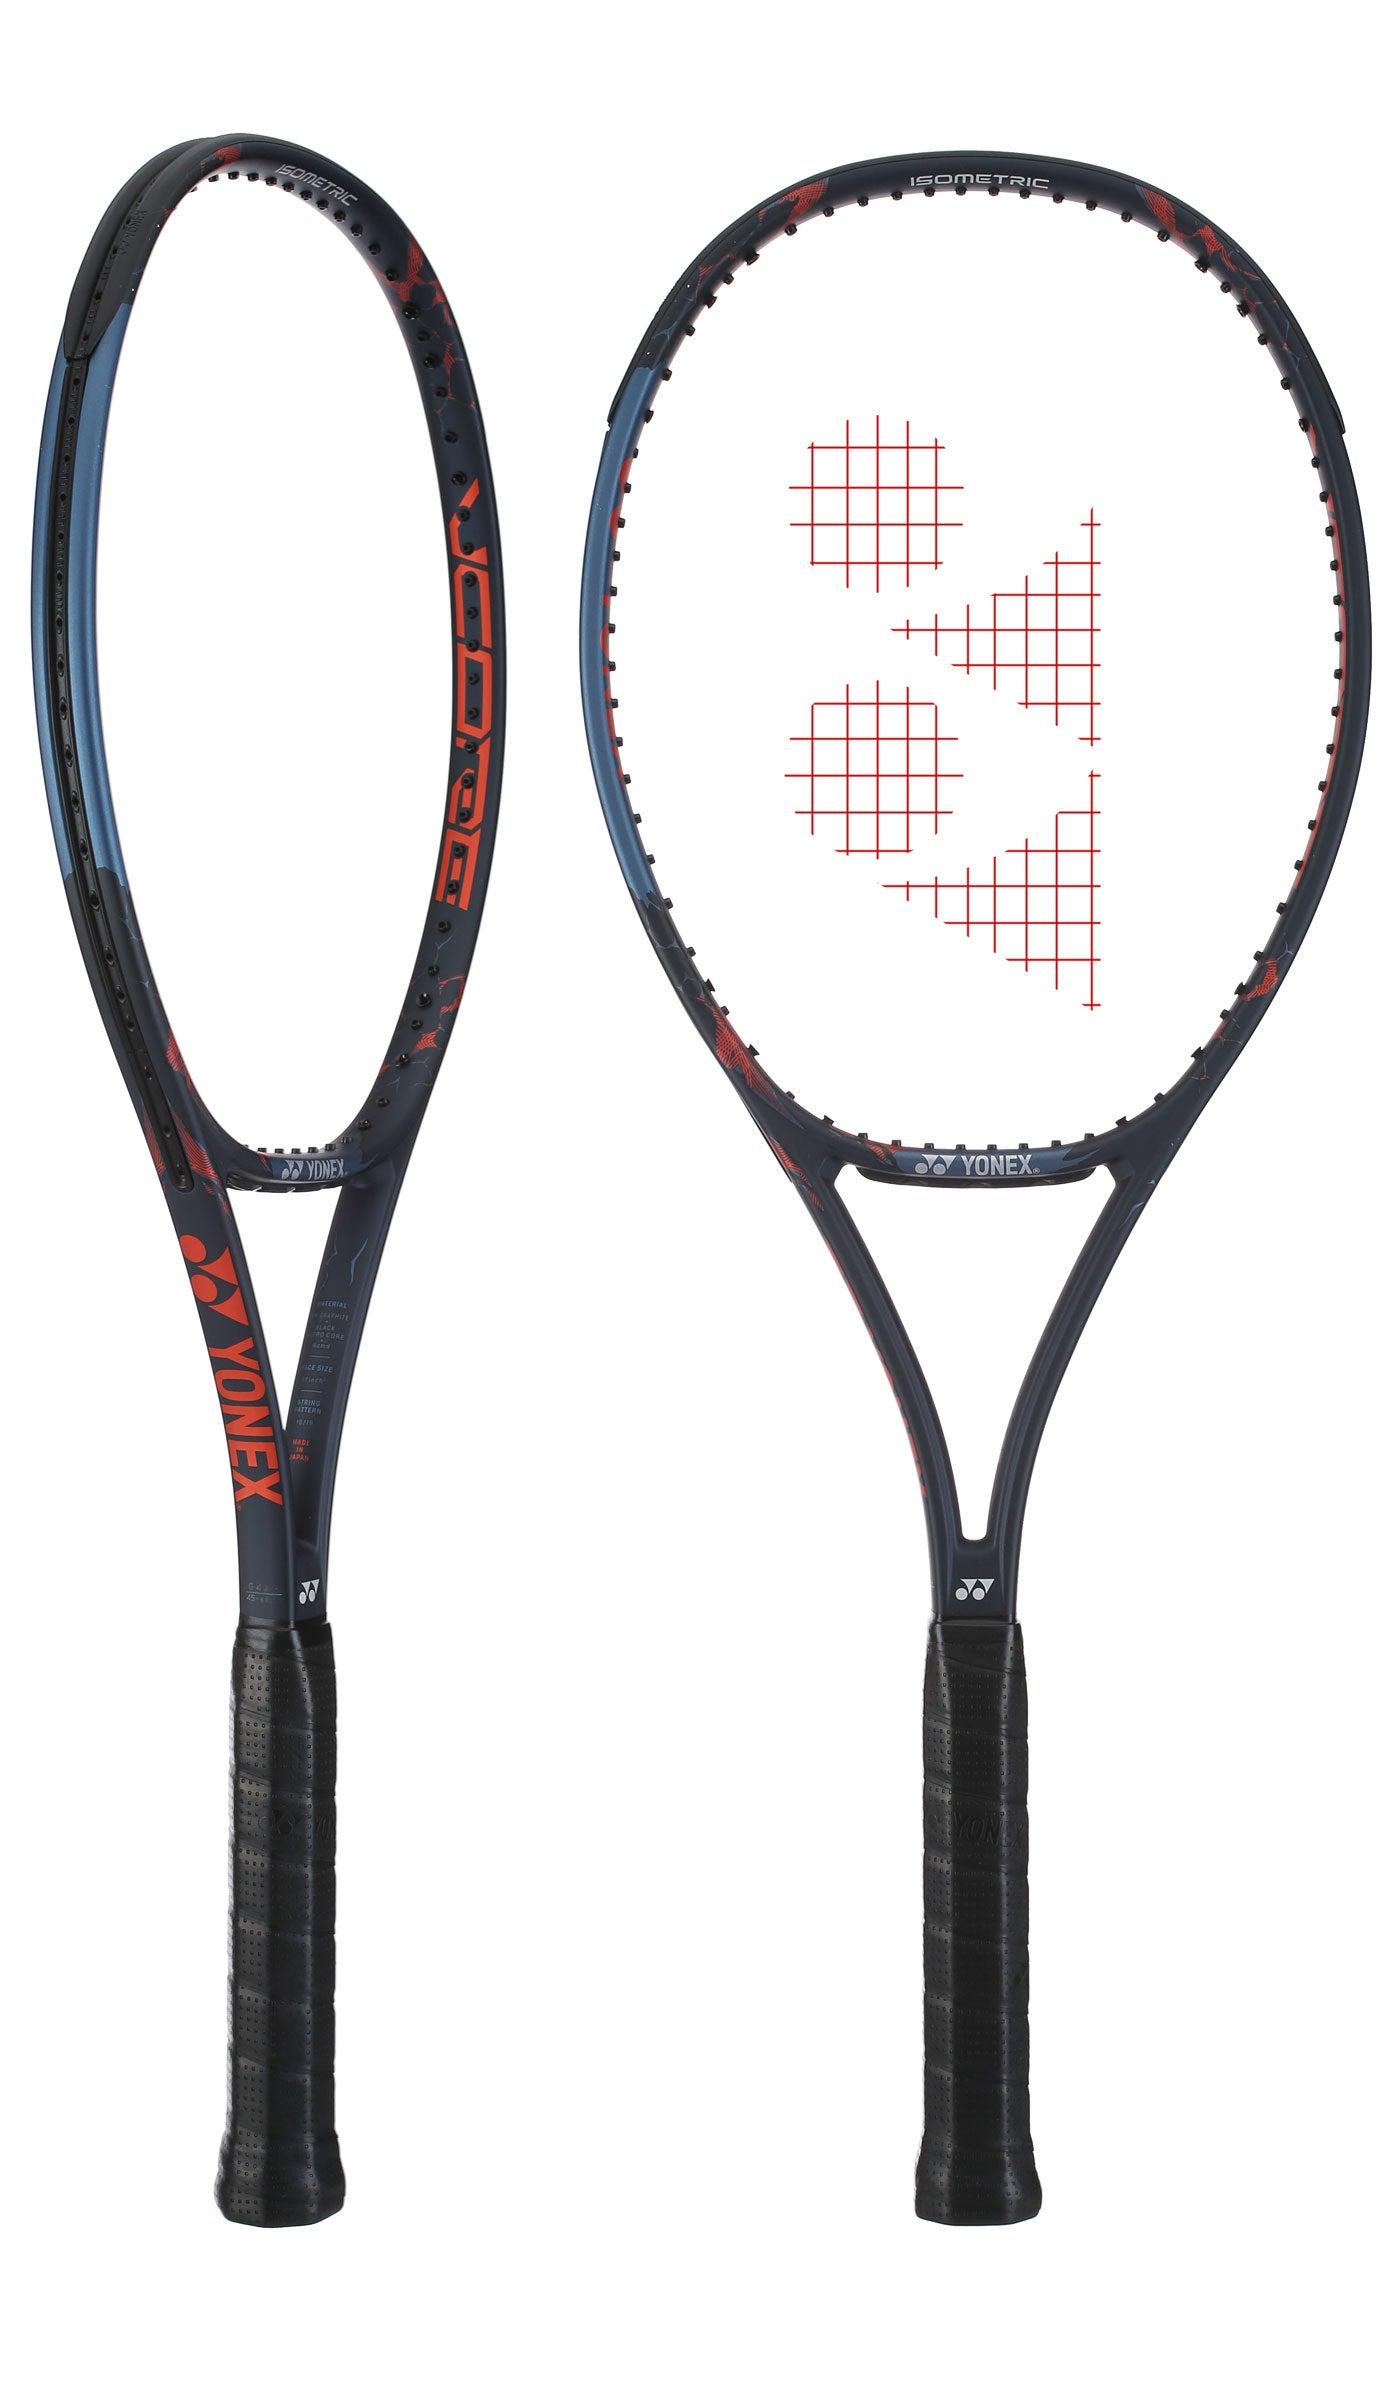 Yonex VCORE Pro 97 (330) Racquets